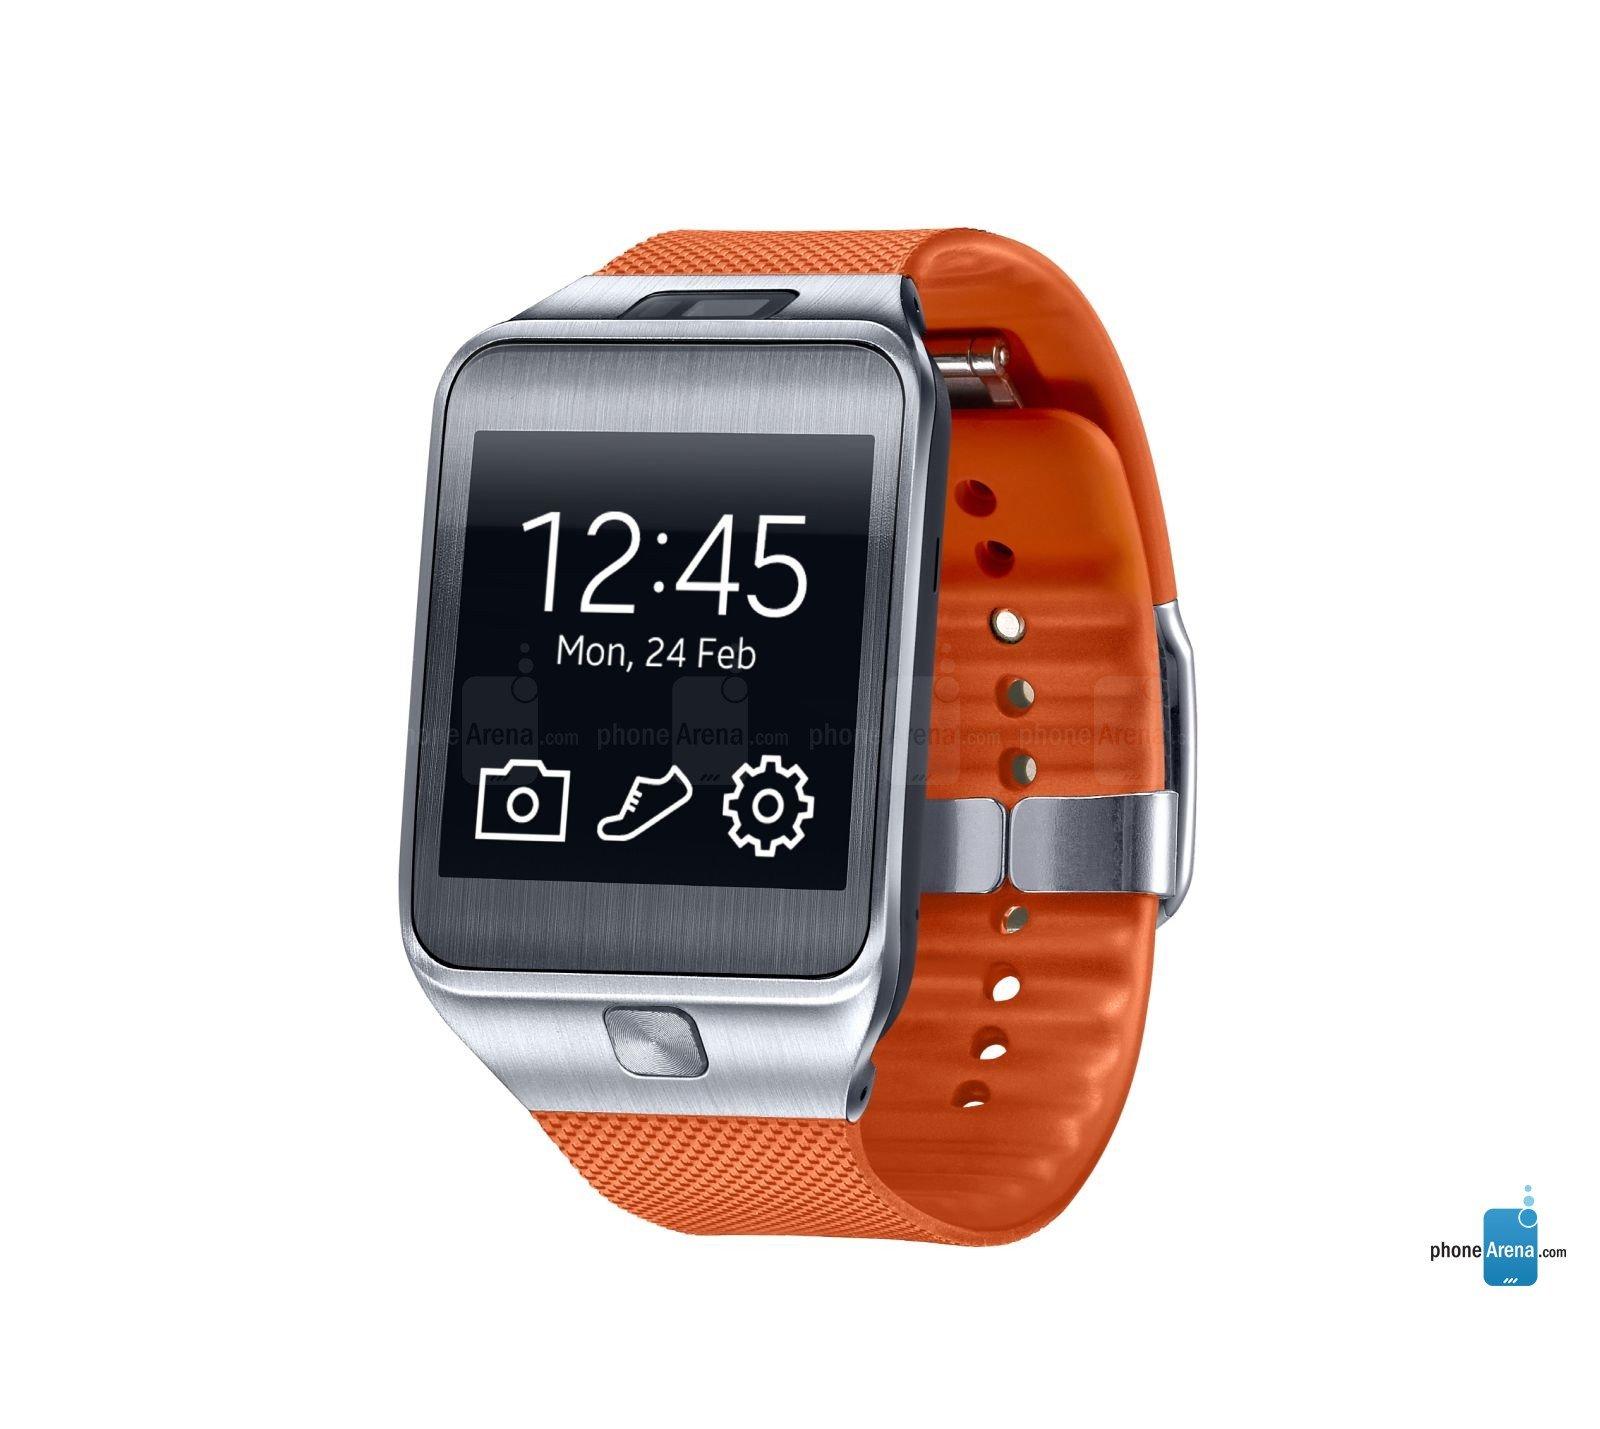 الصور الكاملة : ساعة سامسونج Galaxy Gear 2 و Gear 2 Neo